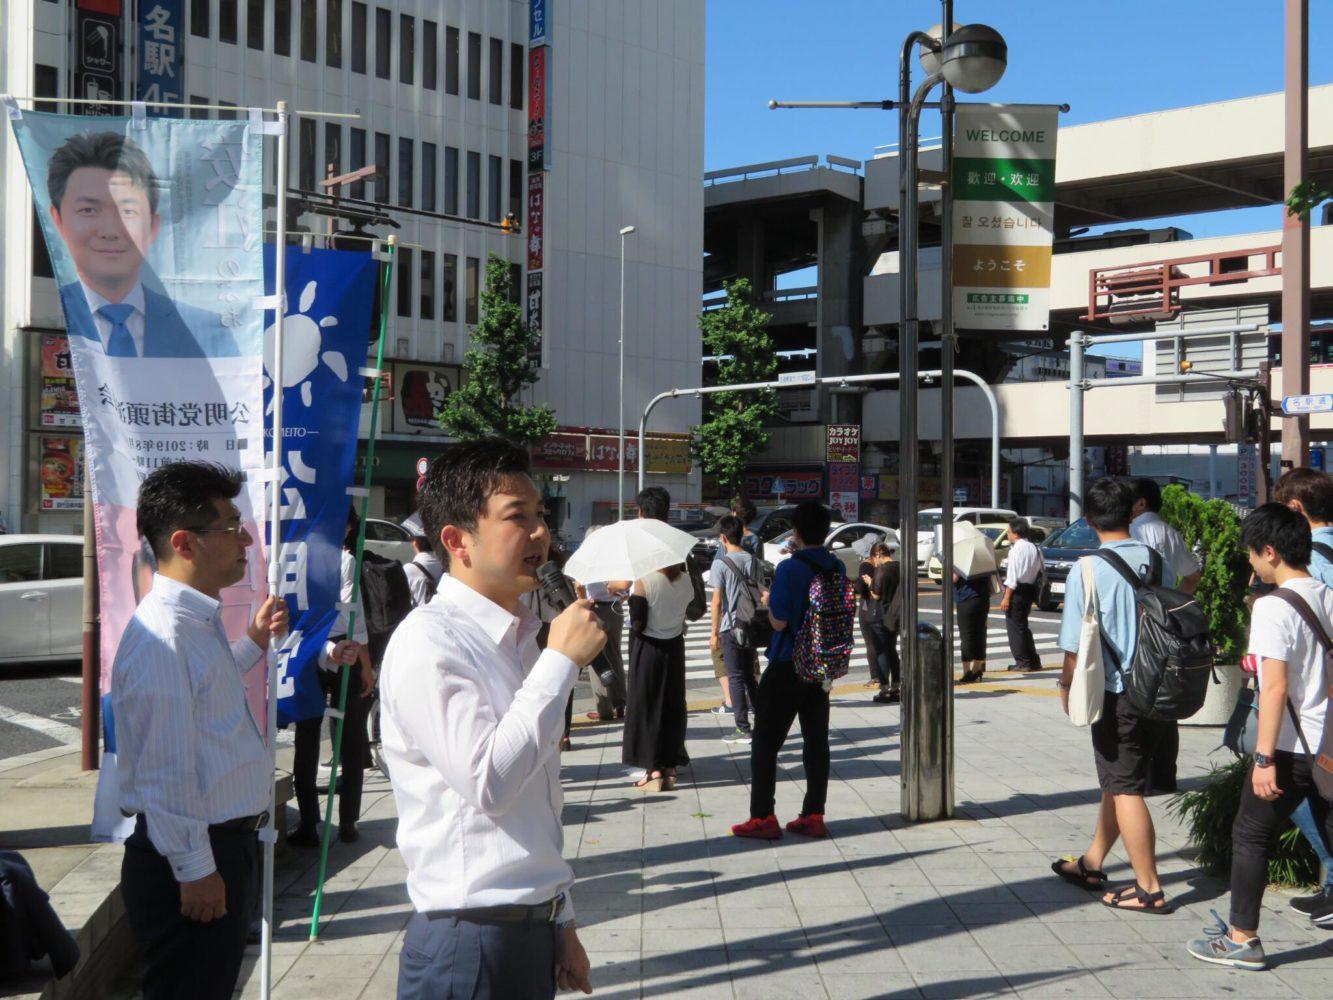 里見議員と共に名古屋駅前の笹島交差点での街頭